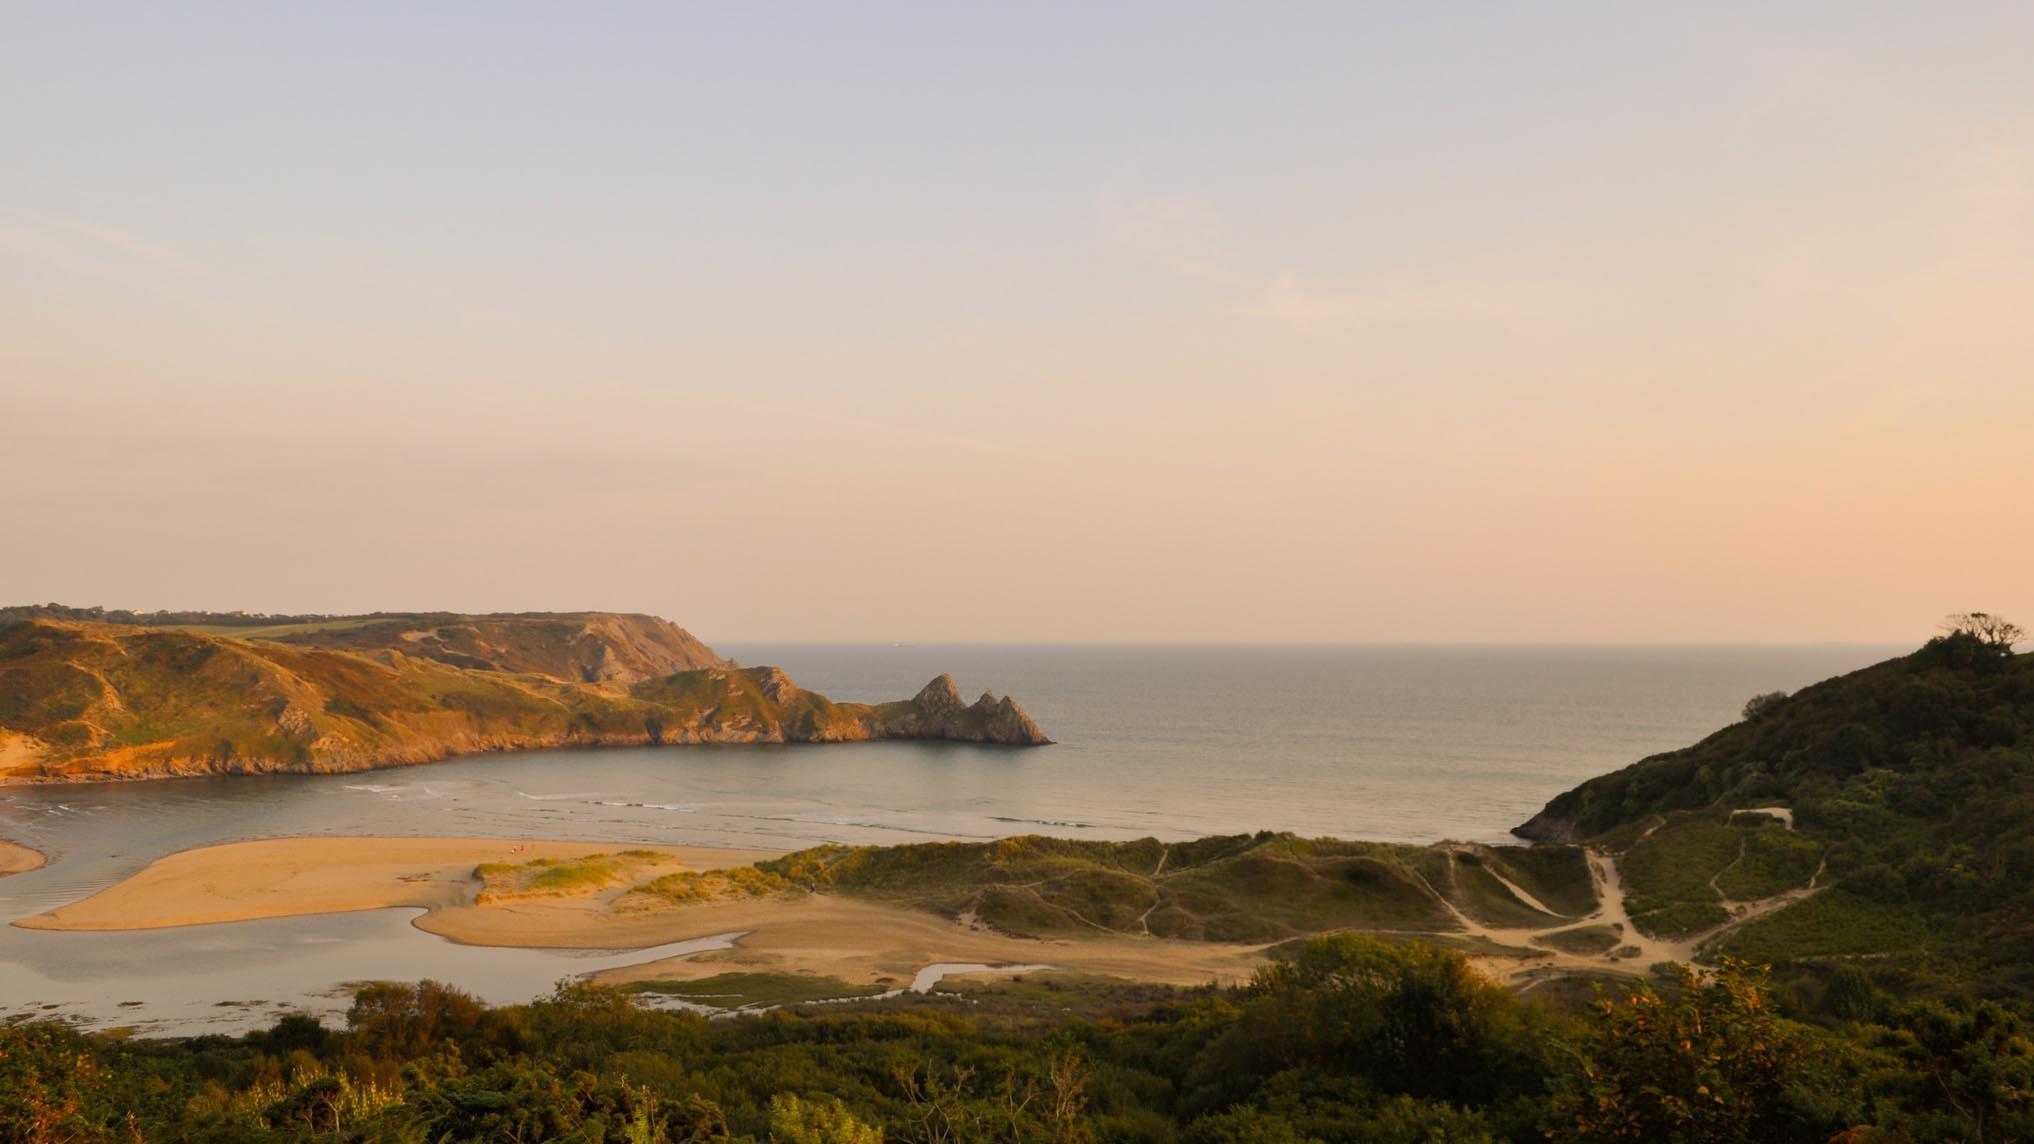 wales best beaches - three cliffs bay